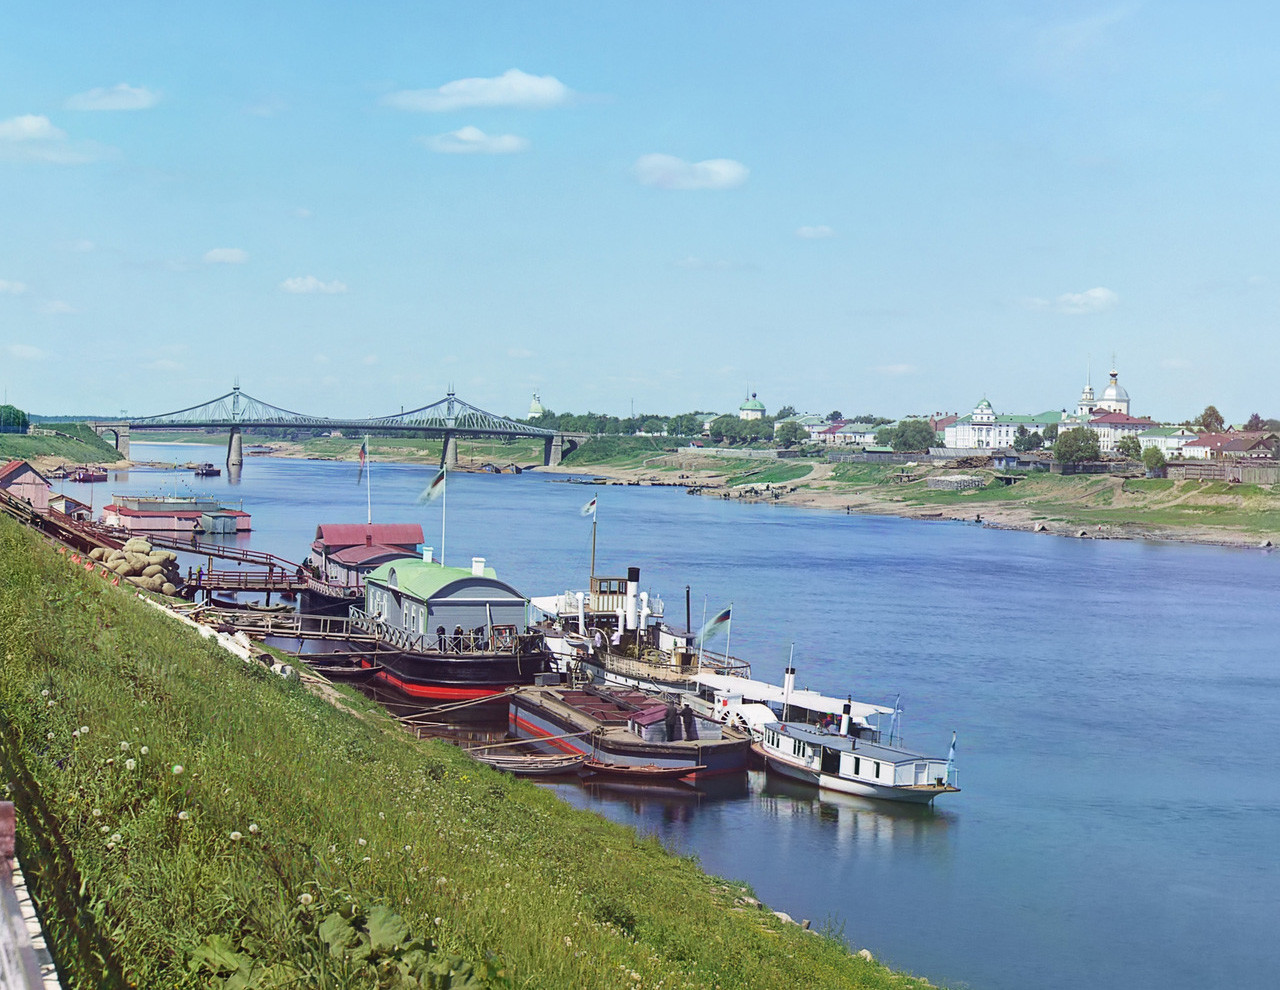 Vista dos rios Tver e Volga